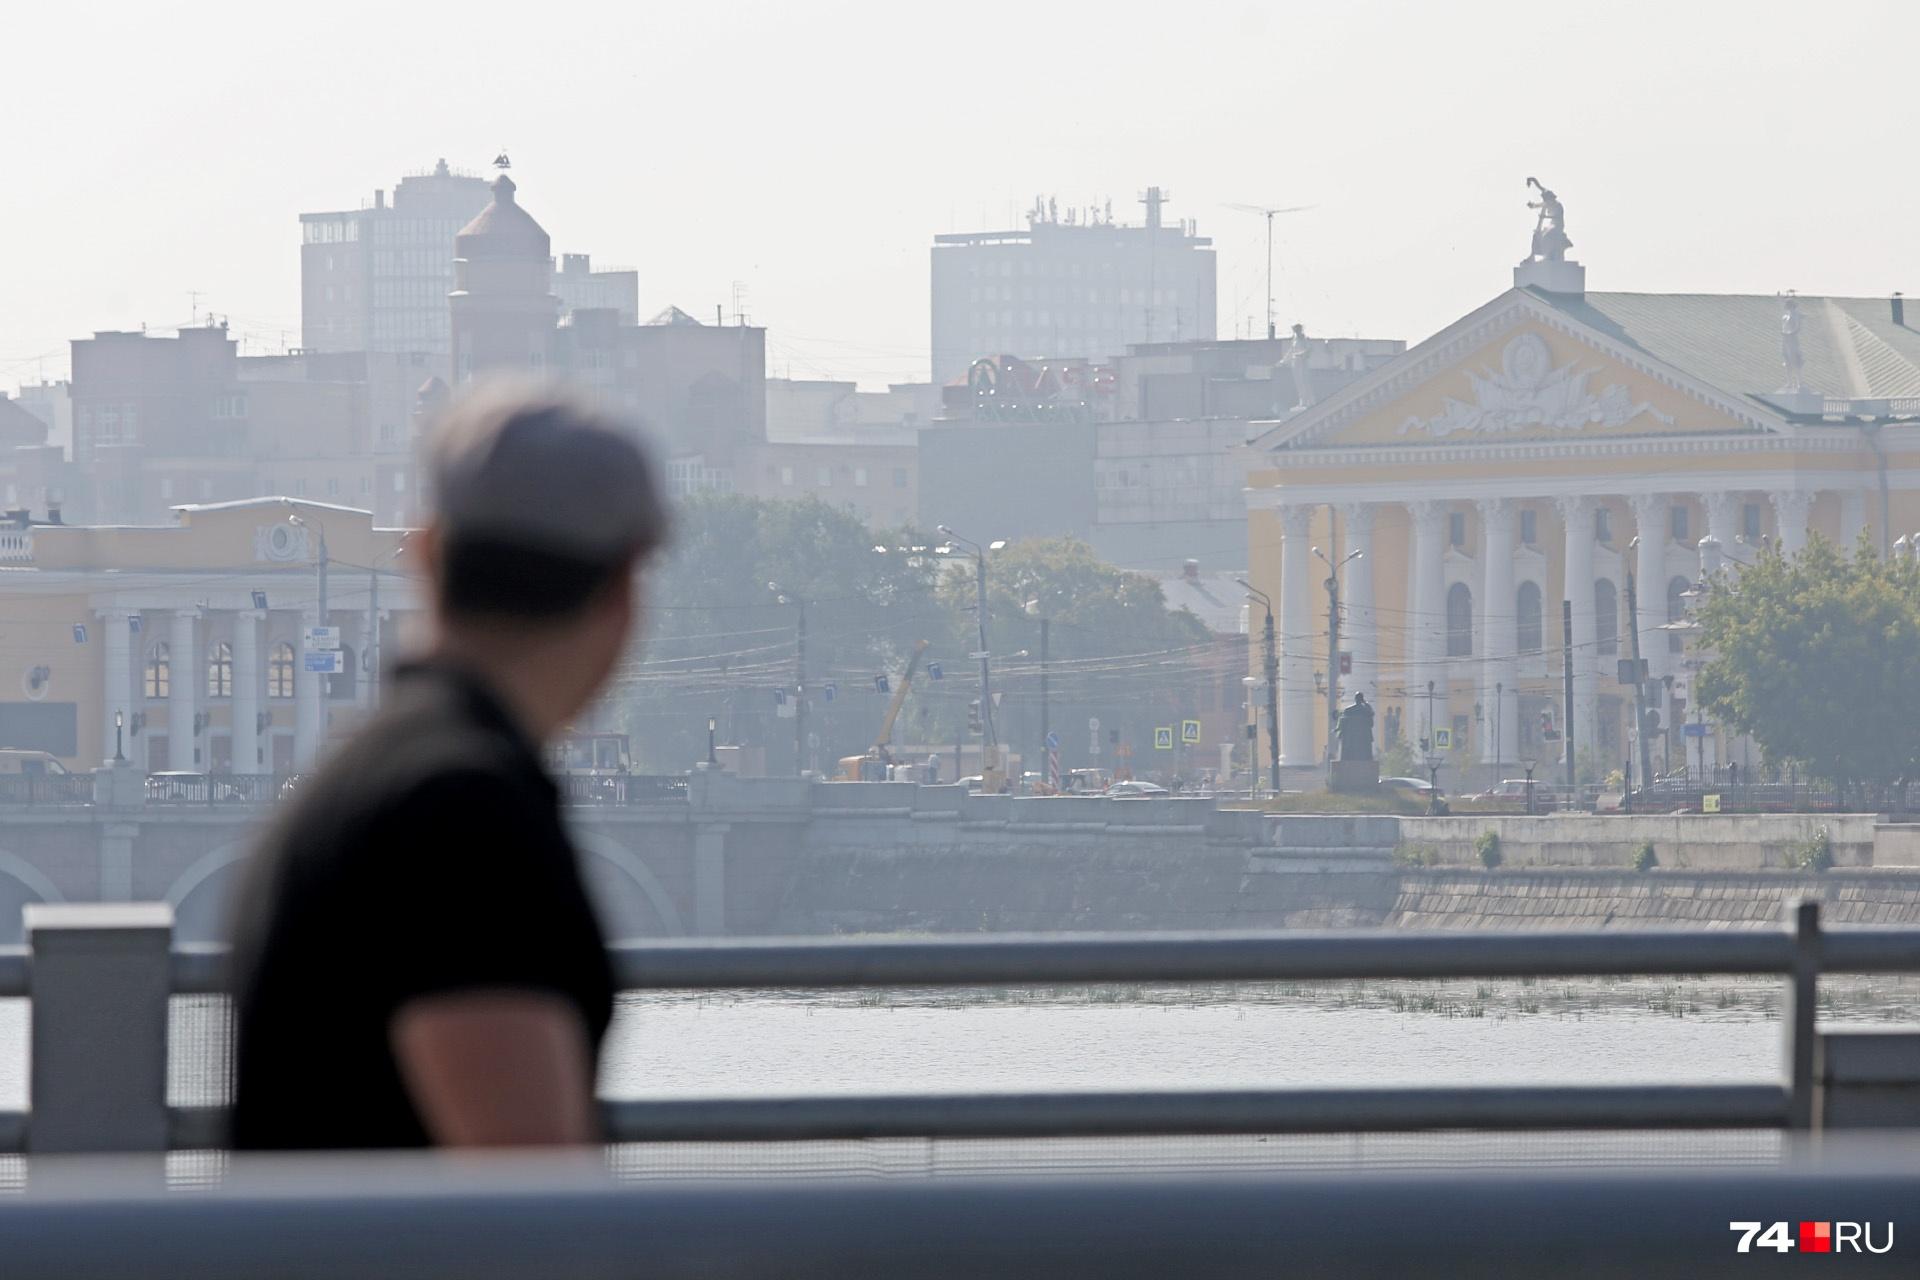 Мужчина рассматривает стройку в тумане